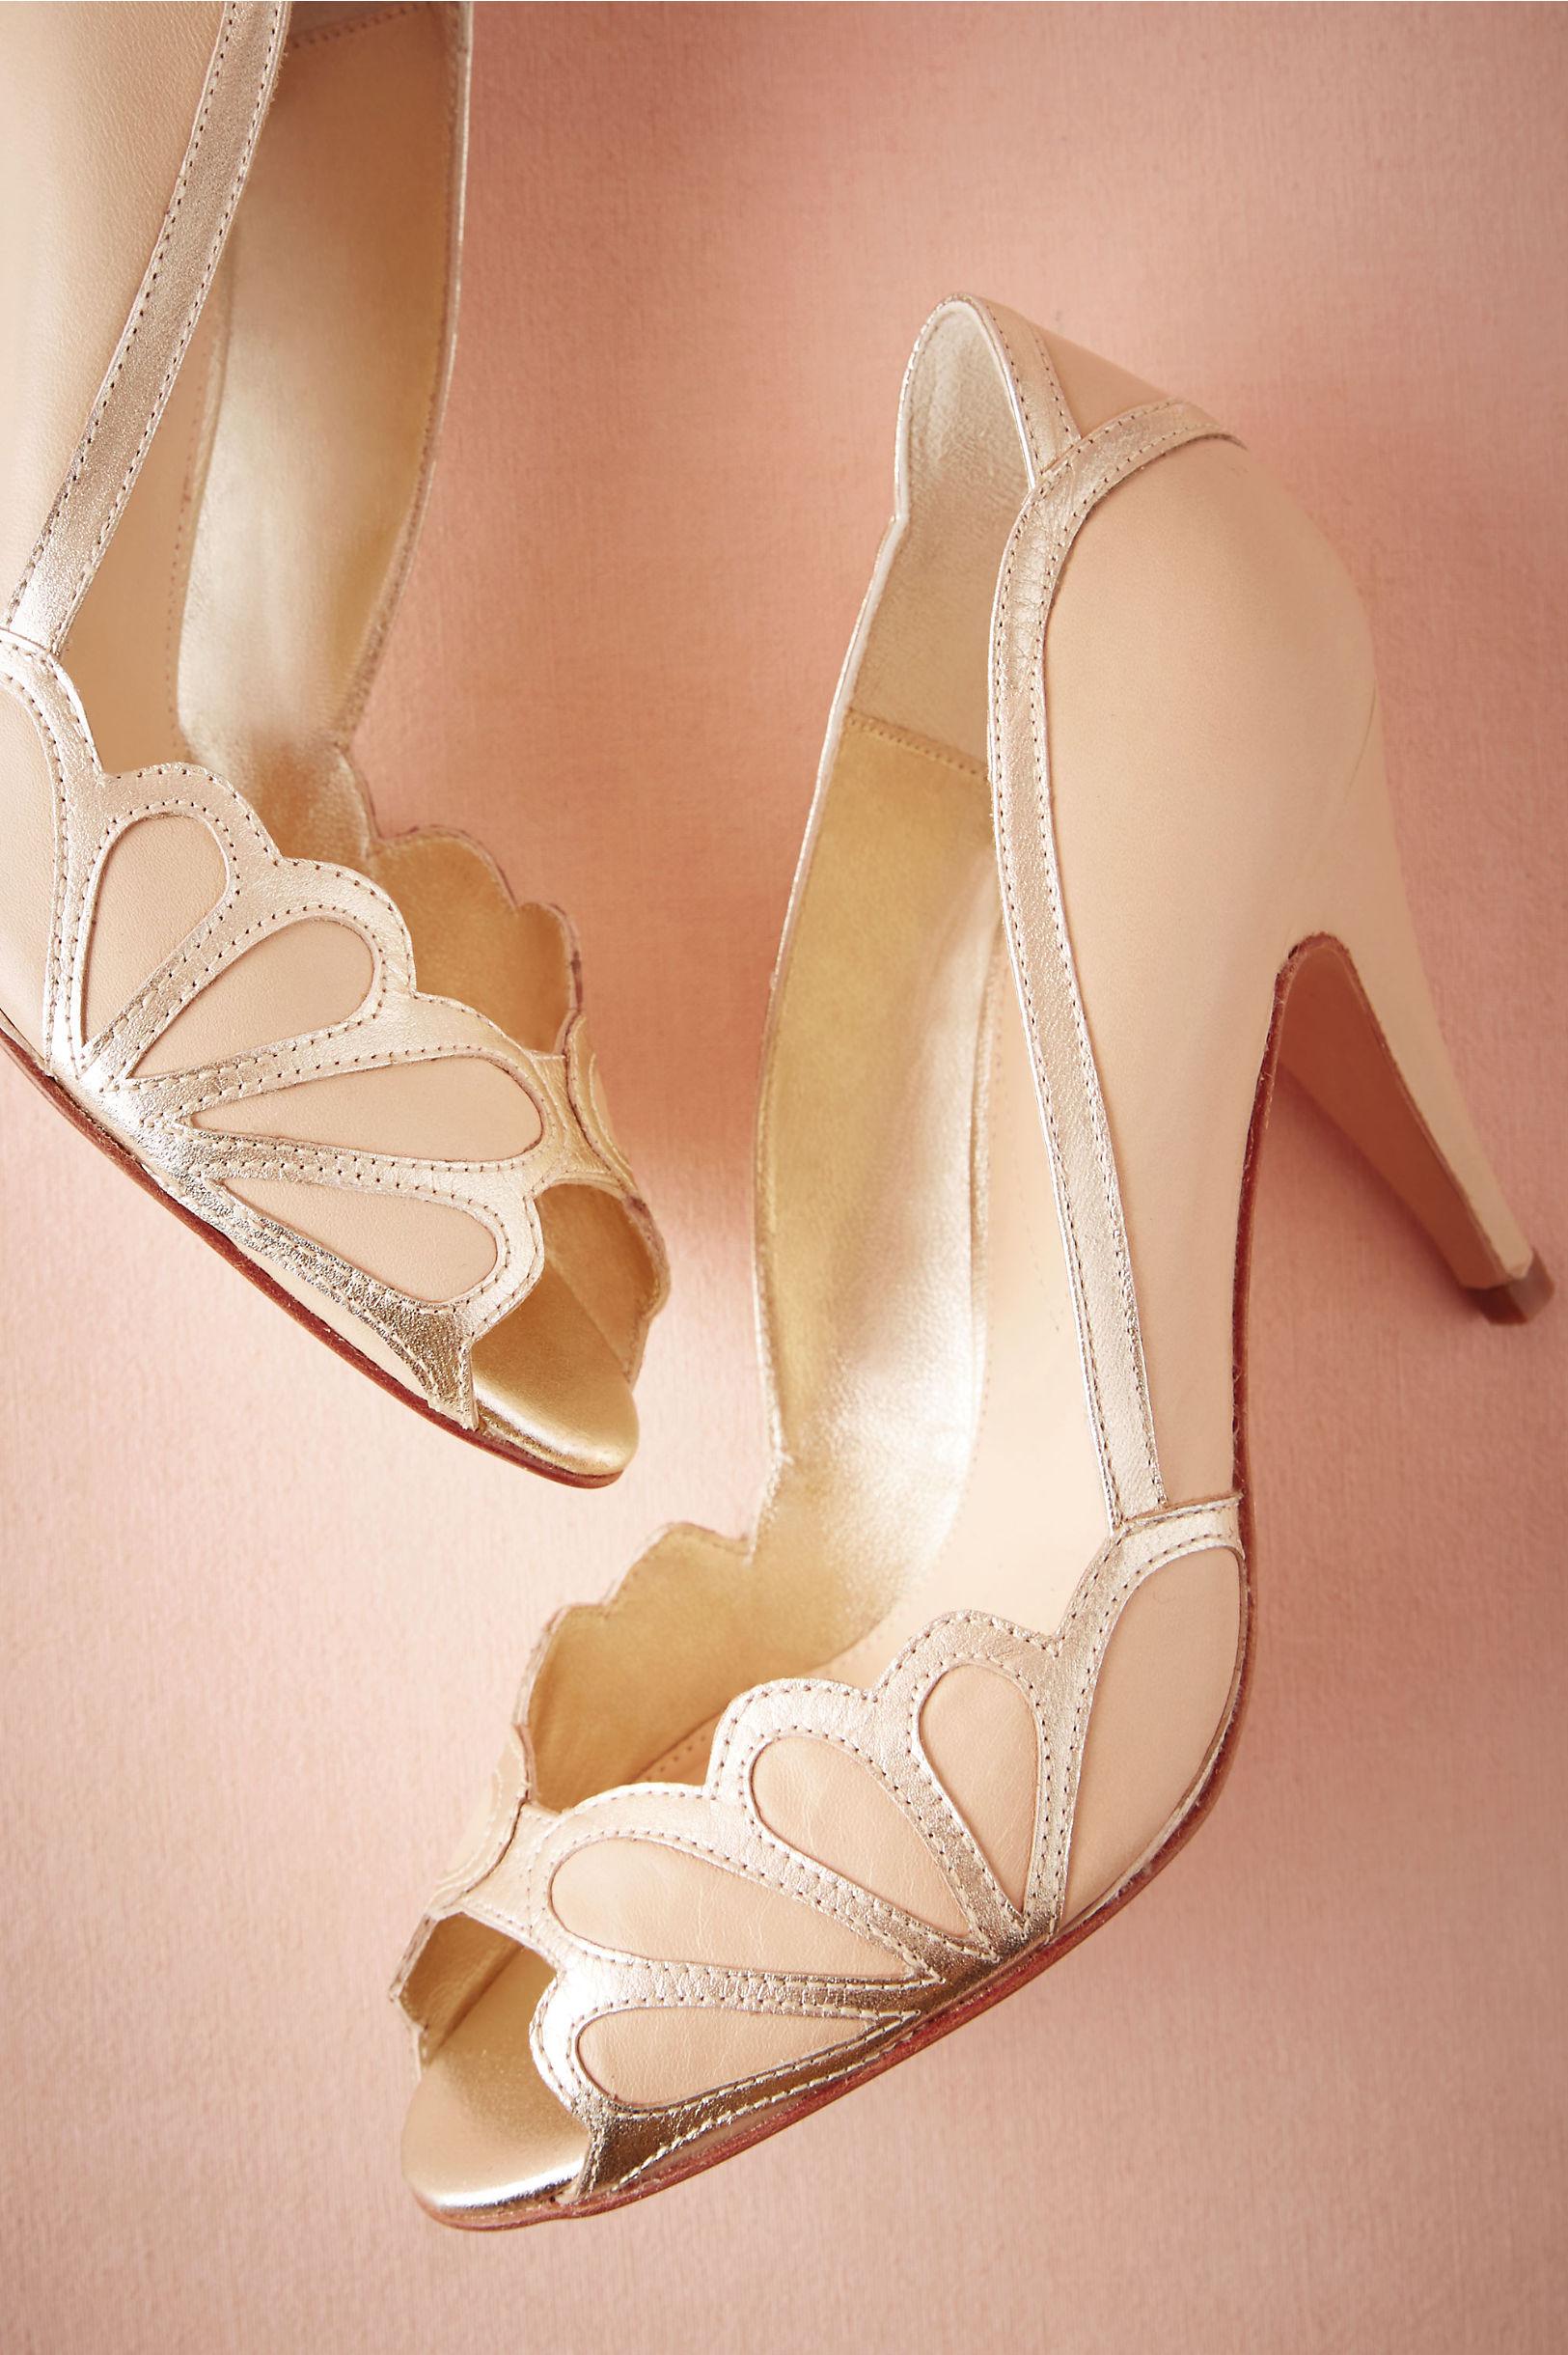 Vintage Wedding Shoes, Flats, Boots, Heels Isabella Scalloped Heel $280.00 AT vintagedancer.com